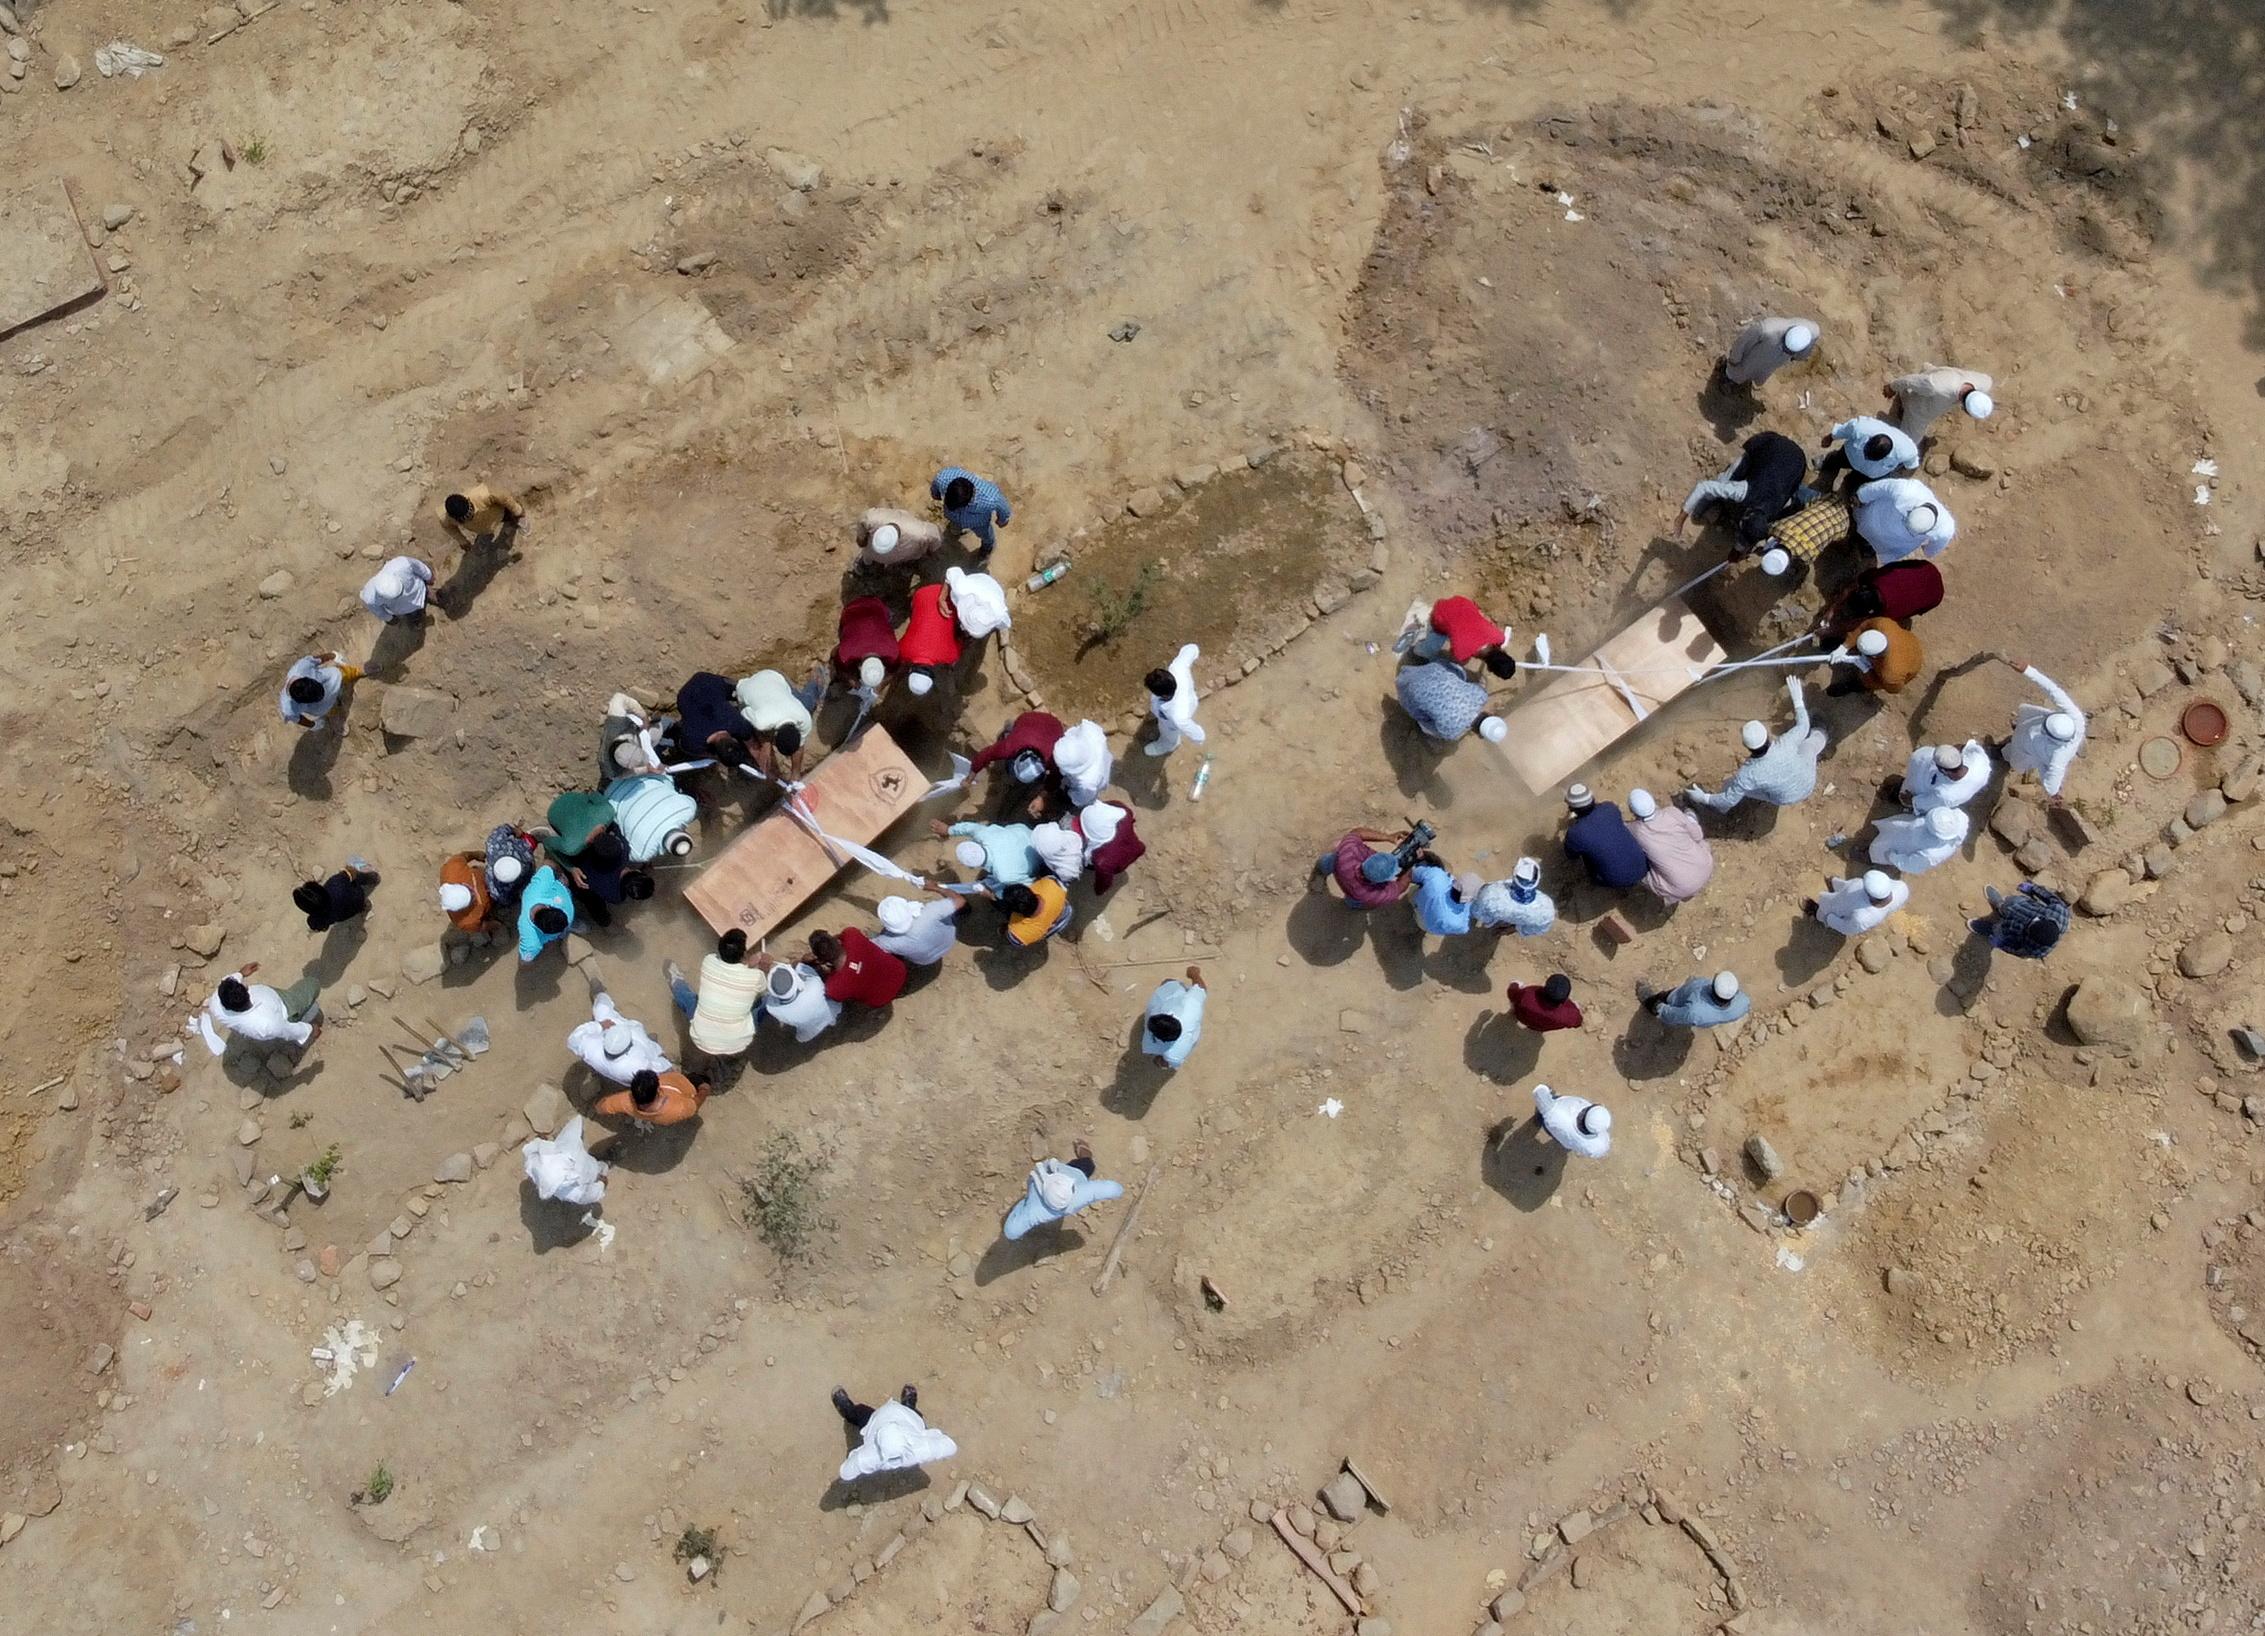 Ινδία: Νέο σοκ με 261.500 κρούσματα κορονοϊού το τελευταίο 24ωρο – 1.501 θάνατοι